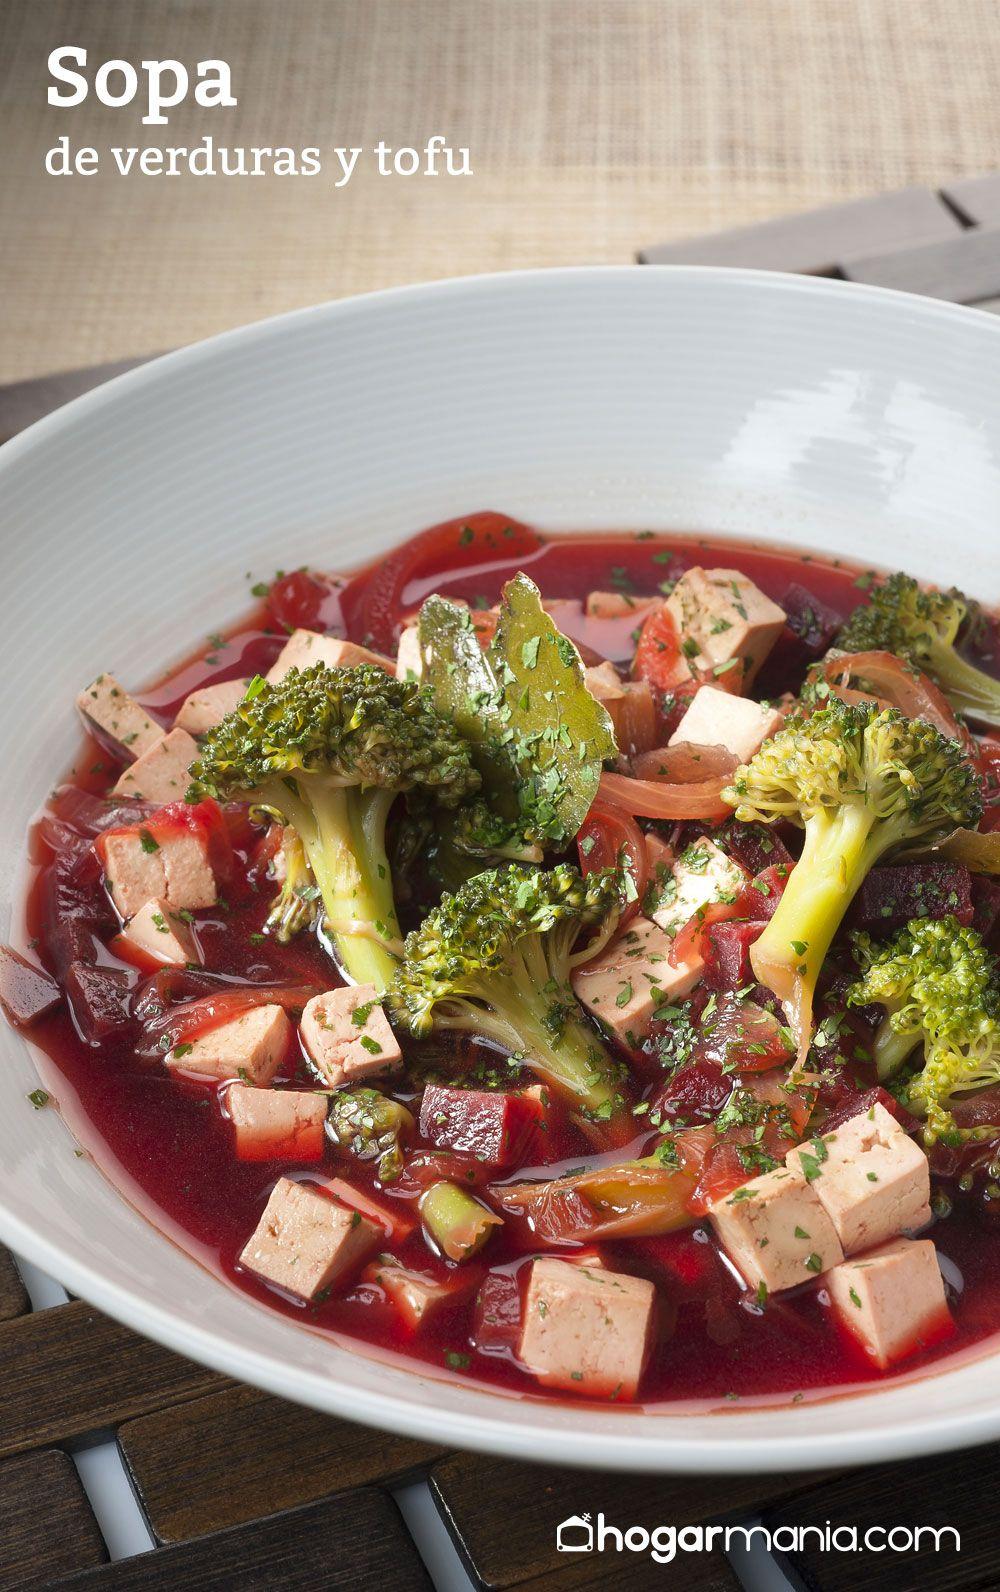 Sopa de verduras y tofu